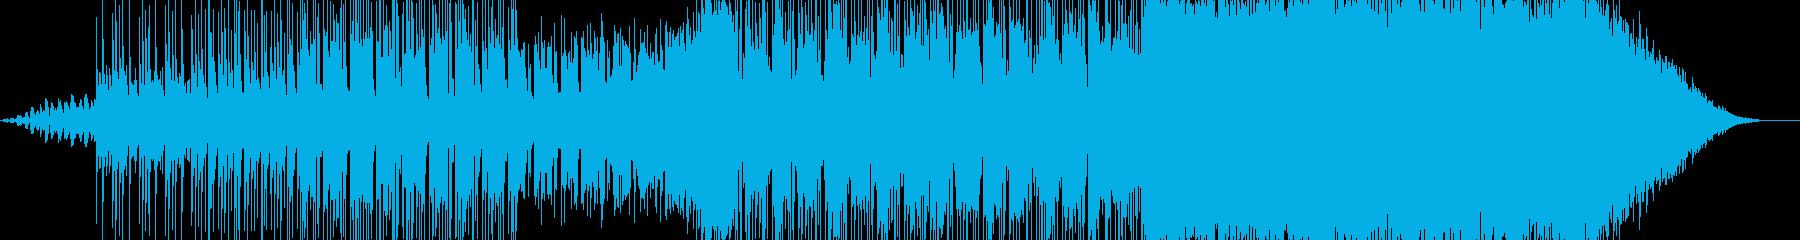 ❷デジタルポップ〜電子アイリッシュ音楽風の再生済みの波形